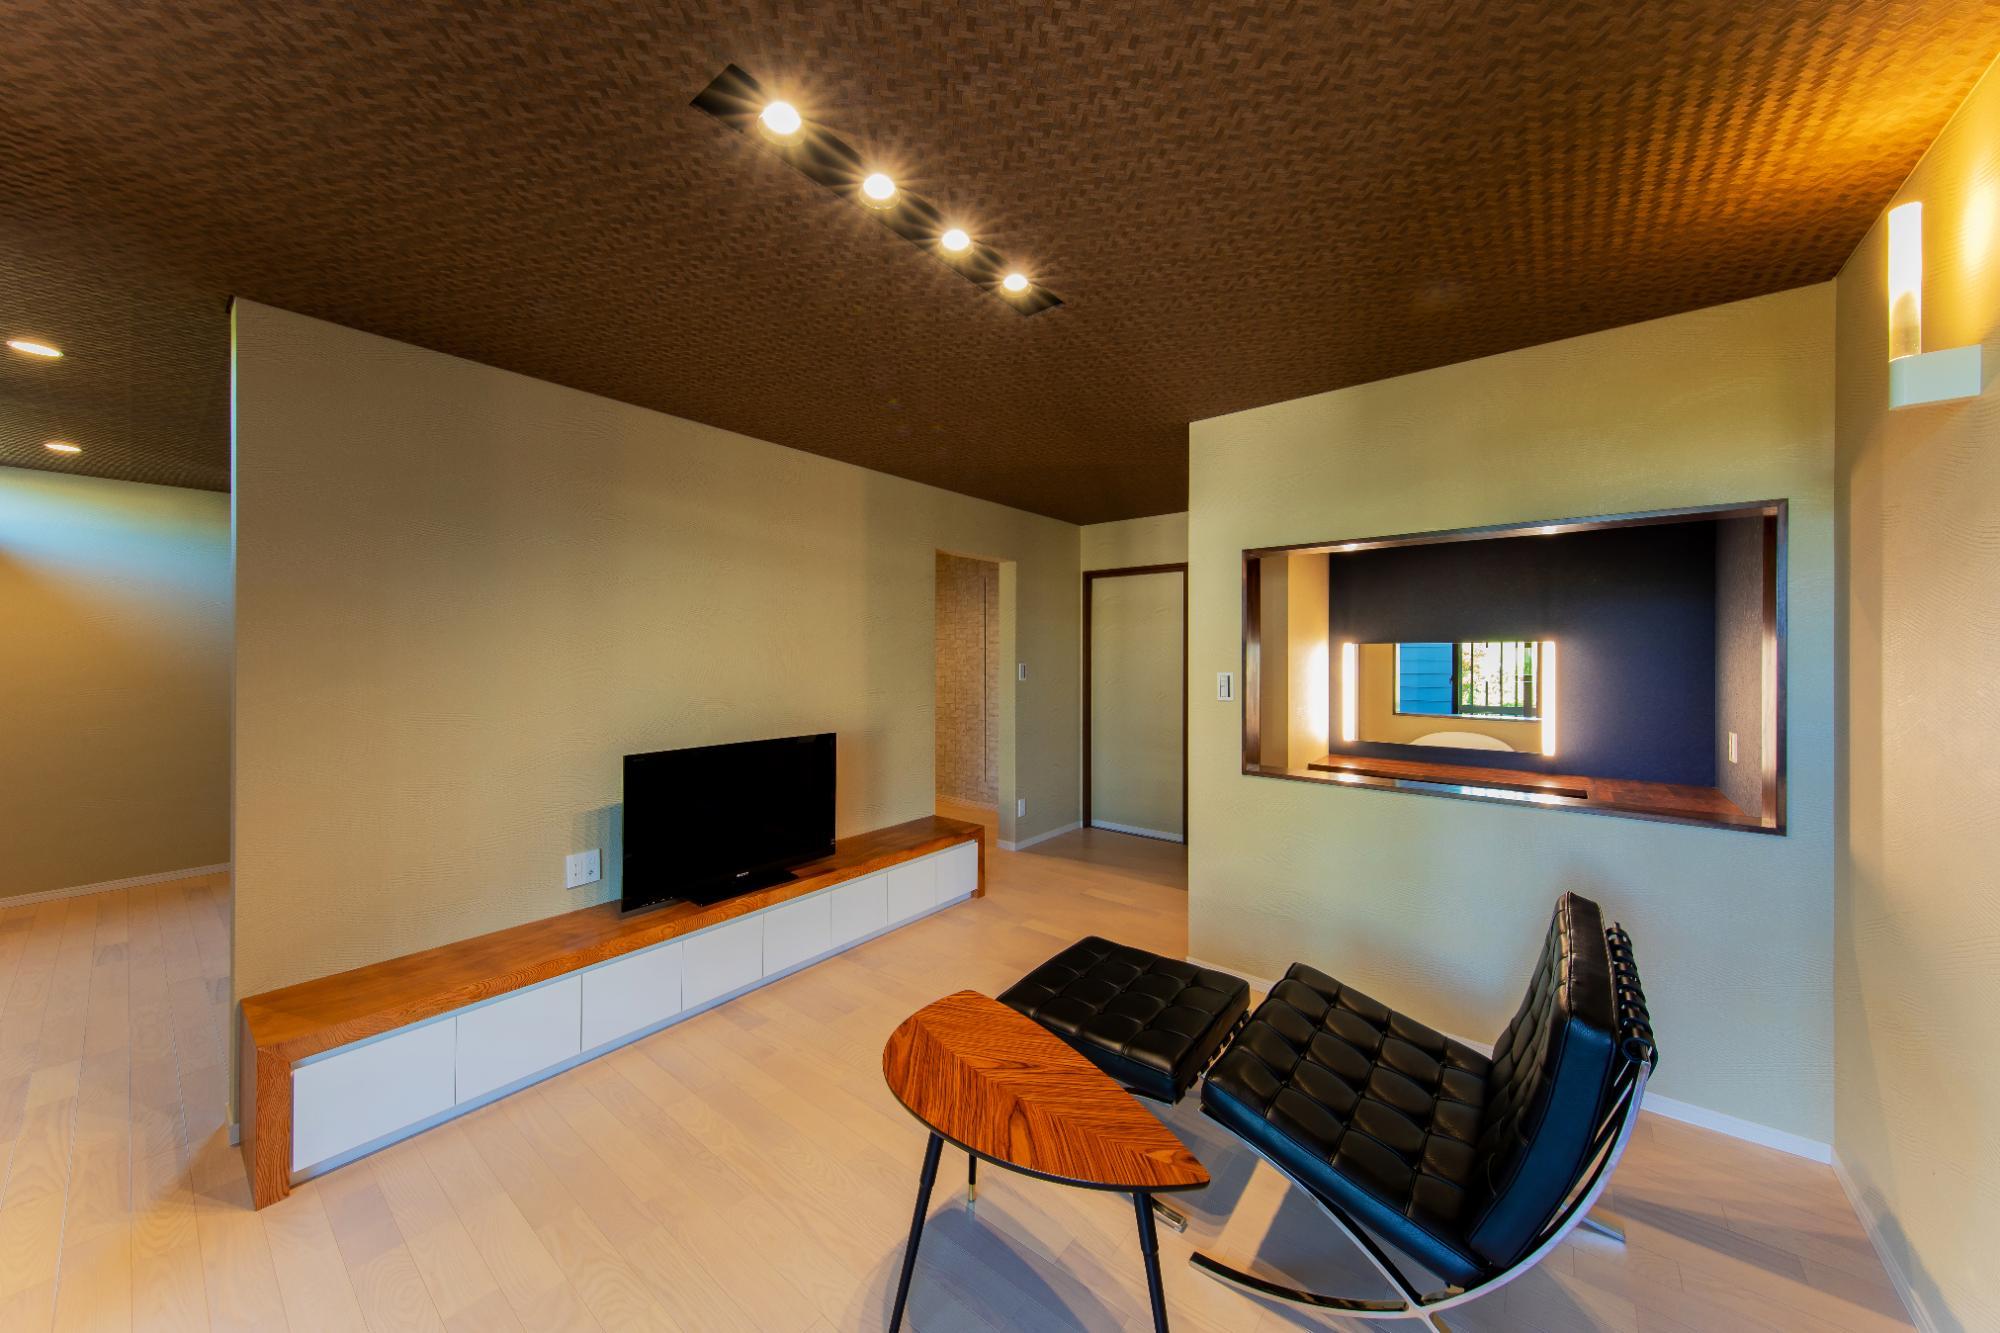 住み継げる住まいの提案 archi laboコンセプトハウスの写真12